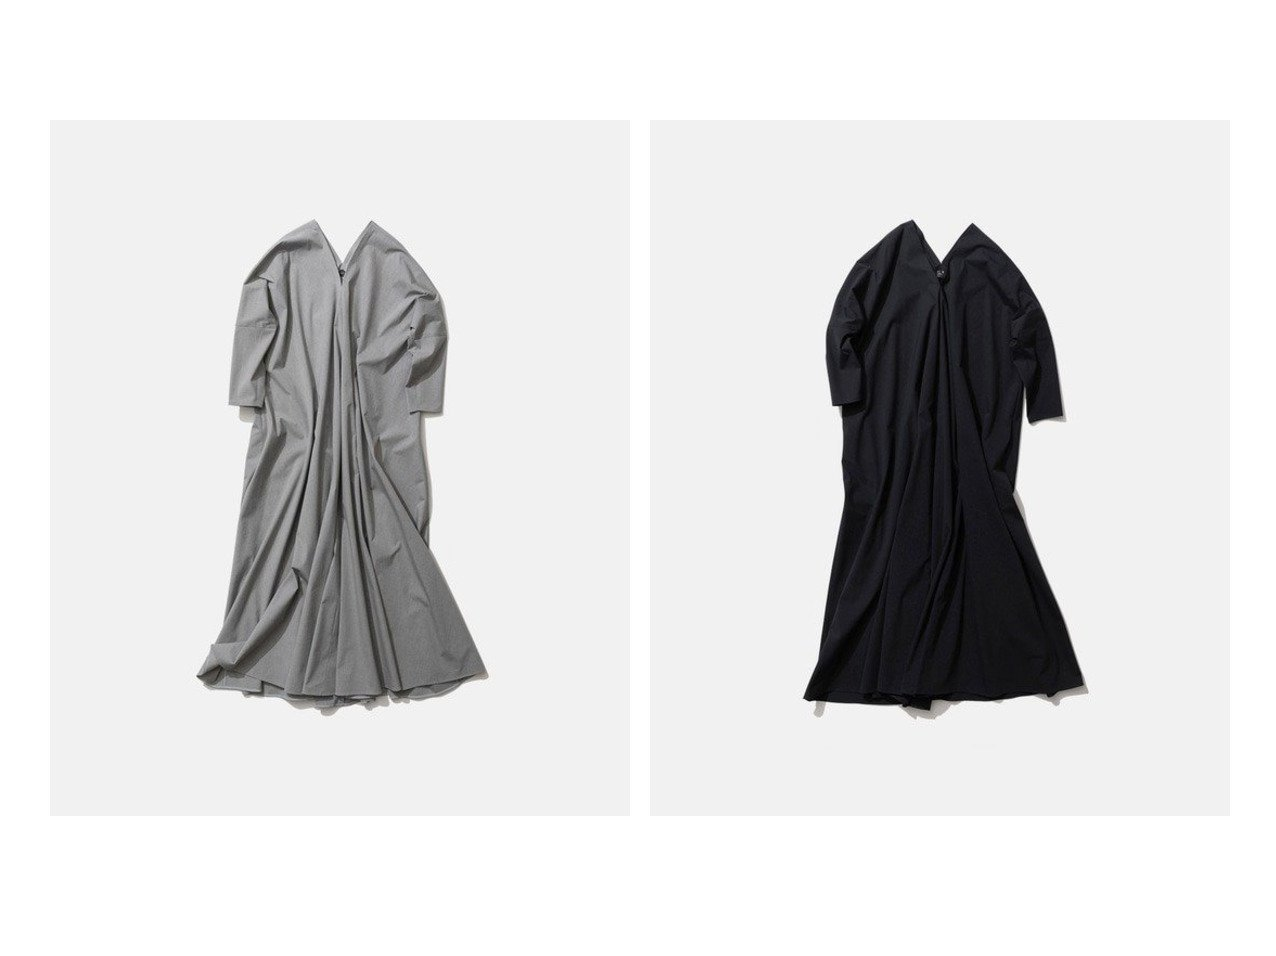 【ATON/エイトン】のSTRETCH BROAD ドレープドレス 【ワンピース・ドレス】おすすめ!人気、トレンド・レディースファッションの通販  おすすめで人気の流行・トレンド、ファッションの通販商品 メンズファッション・キッズファッション・インテリア・家具・レディースファッション・服の通販 founy(ファニー) https://founy.com/ ファッション Fashion レディースファッション WOMEN ワンピース Dress ドレス Party Dresses 送料無料 Free Shipping シンプル ストレッチ ドレス ドレープ ロング |ID:crp329100000025941